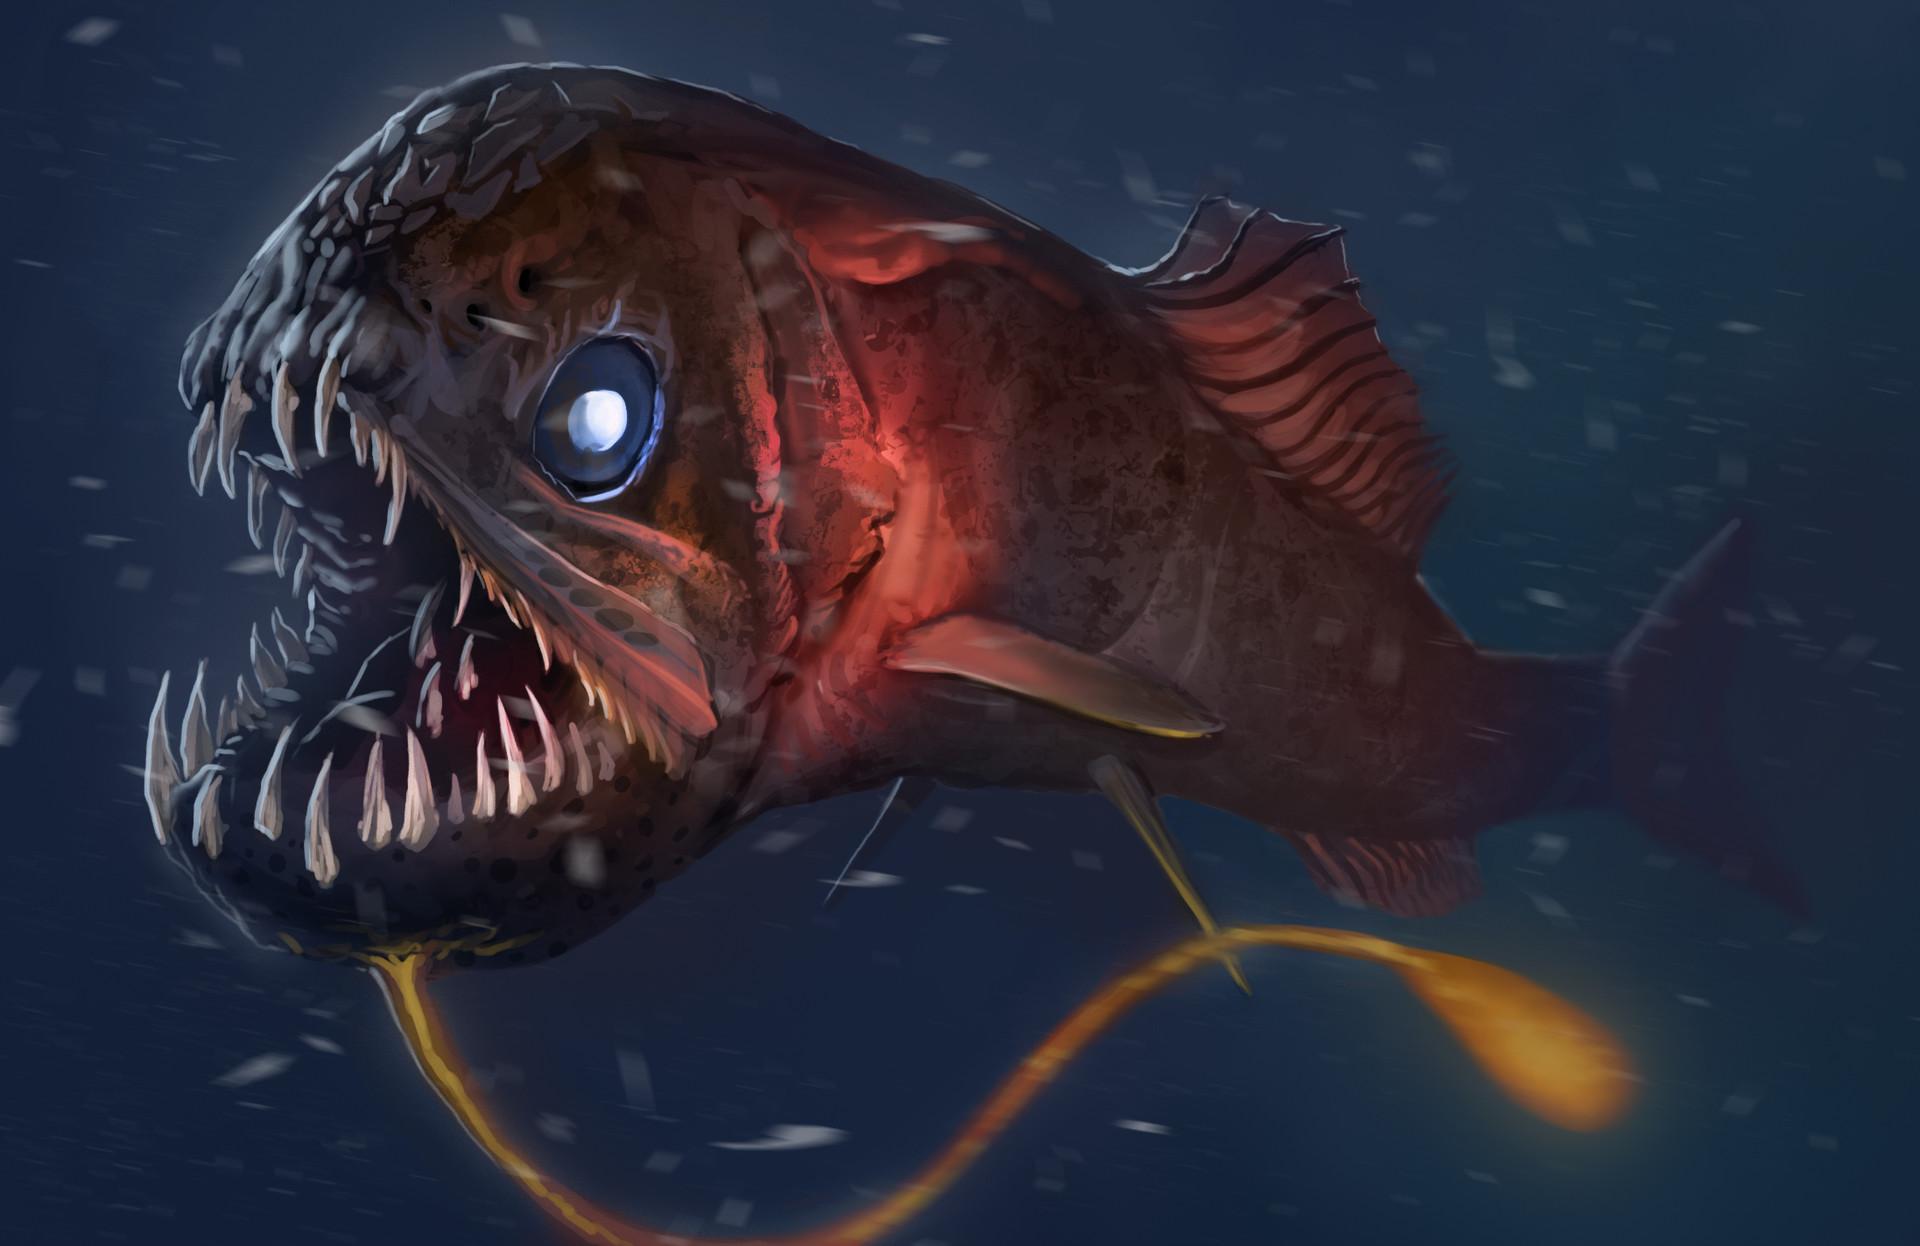 Gabriel ramos osc dragonfish